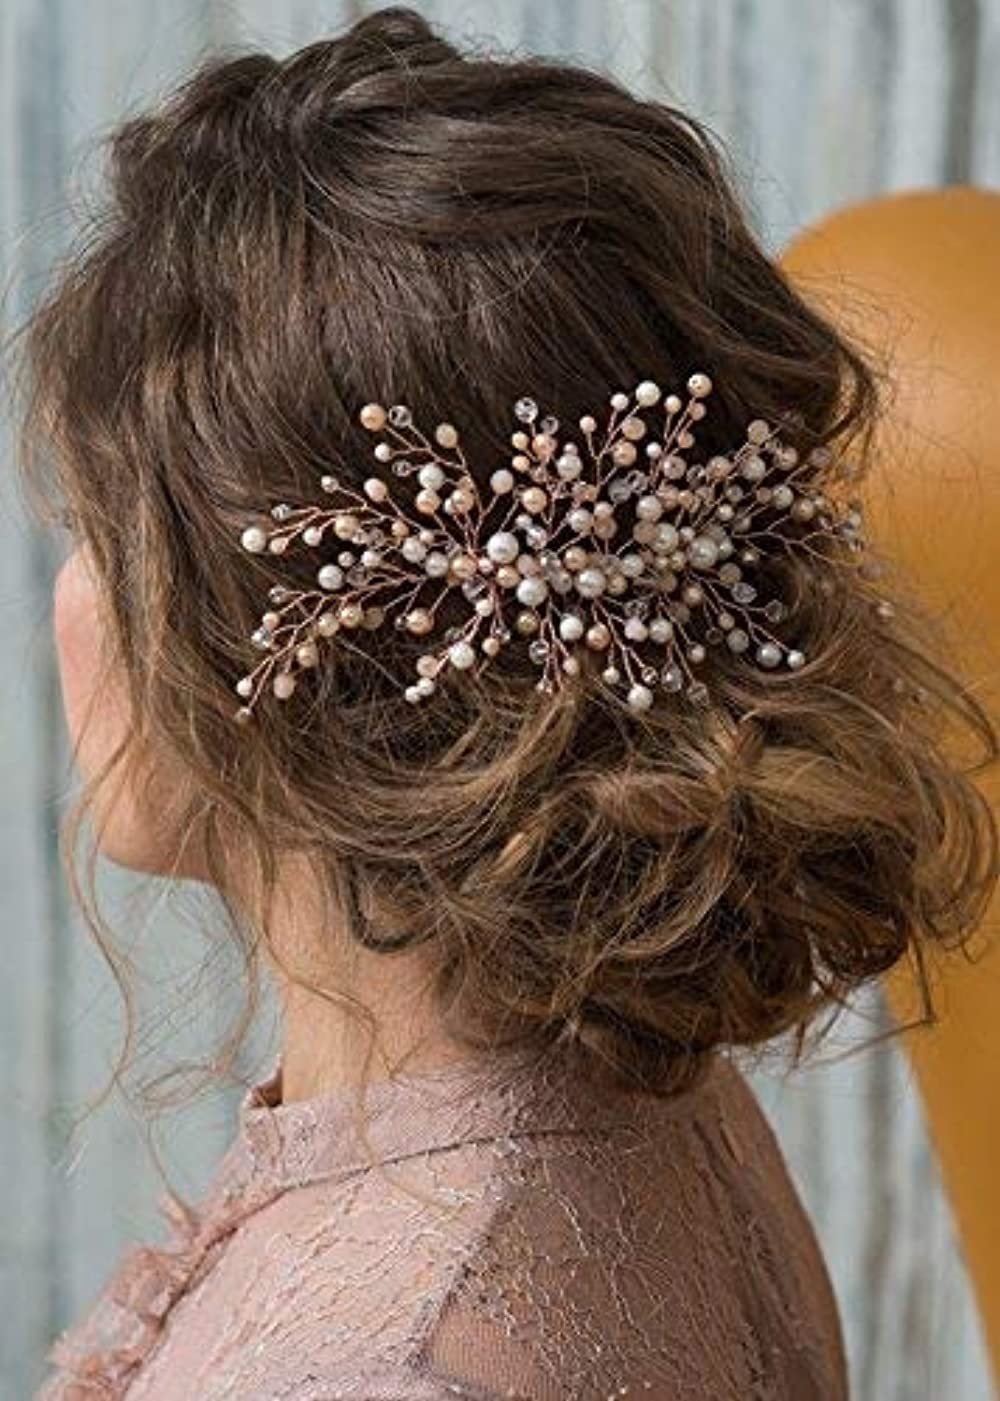 ミット不純気難しいKercisbeauty Wedding Bridal Bridesmaid Pink Champagne Beads Rose Gold Hair Comb Slide Updo Hair Accessory Prom...